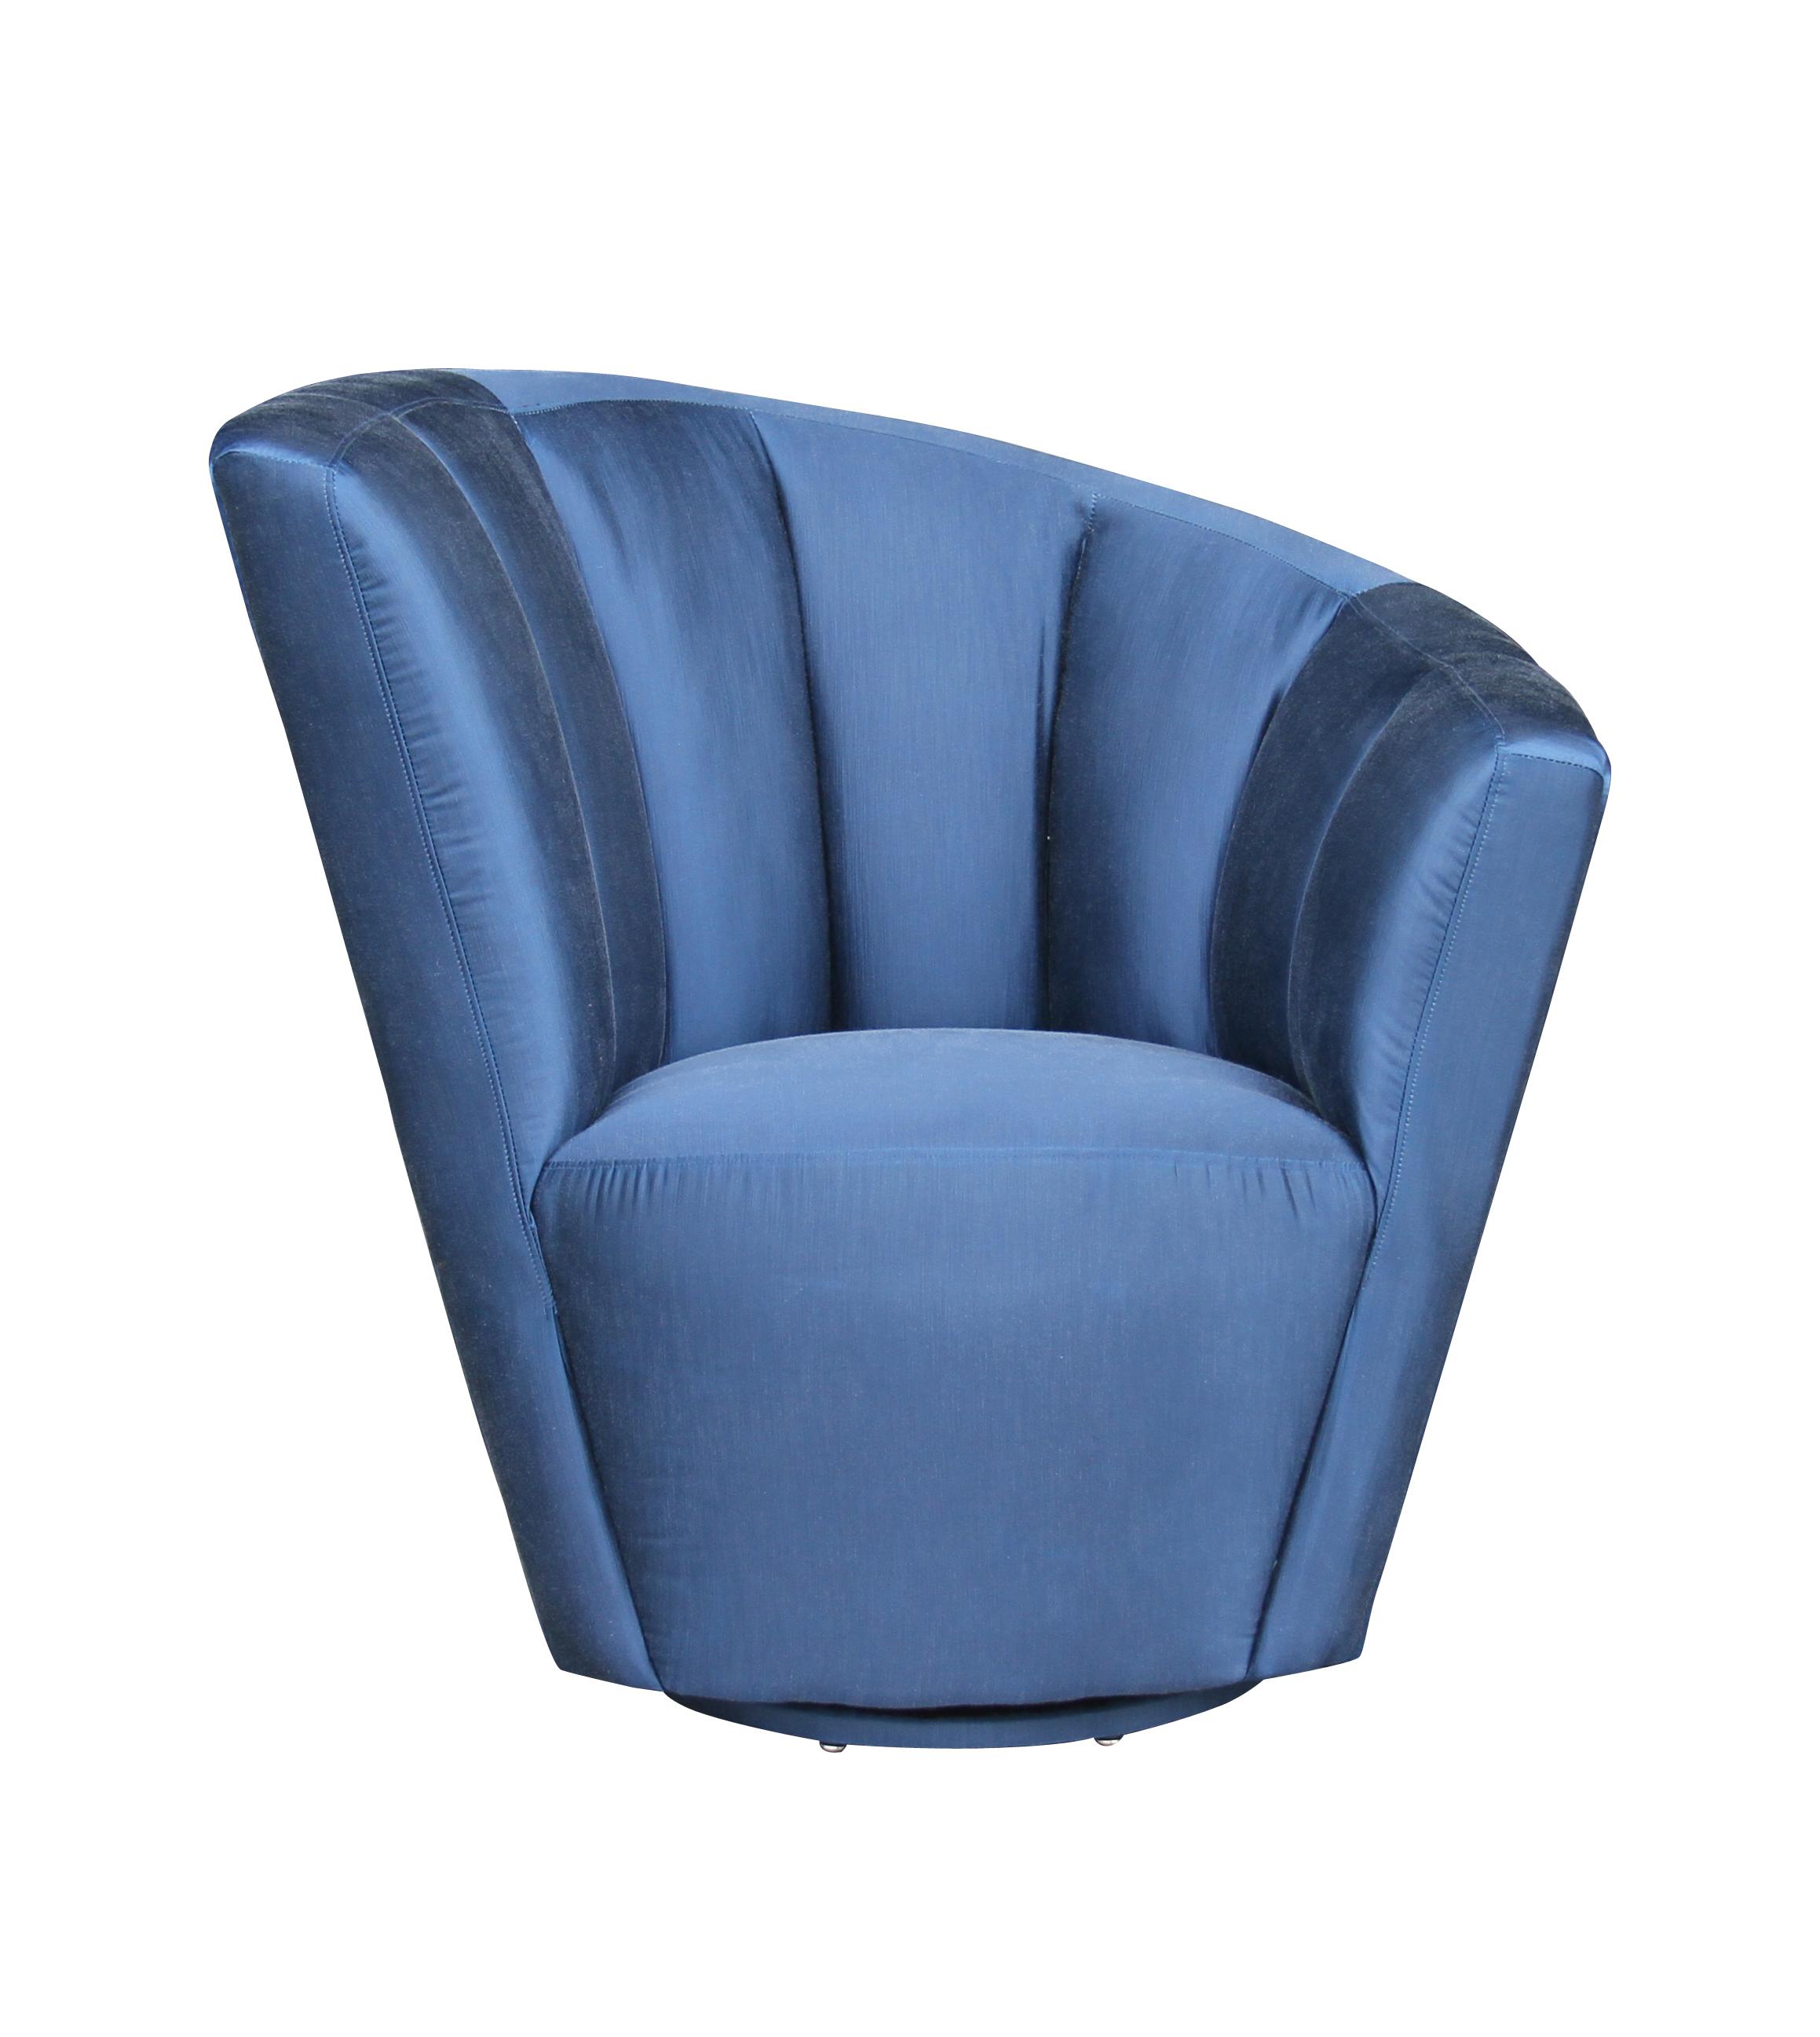 Abbyson Zara chair